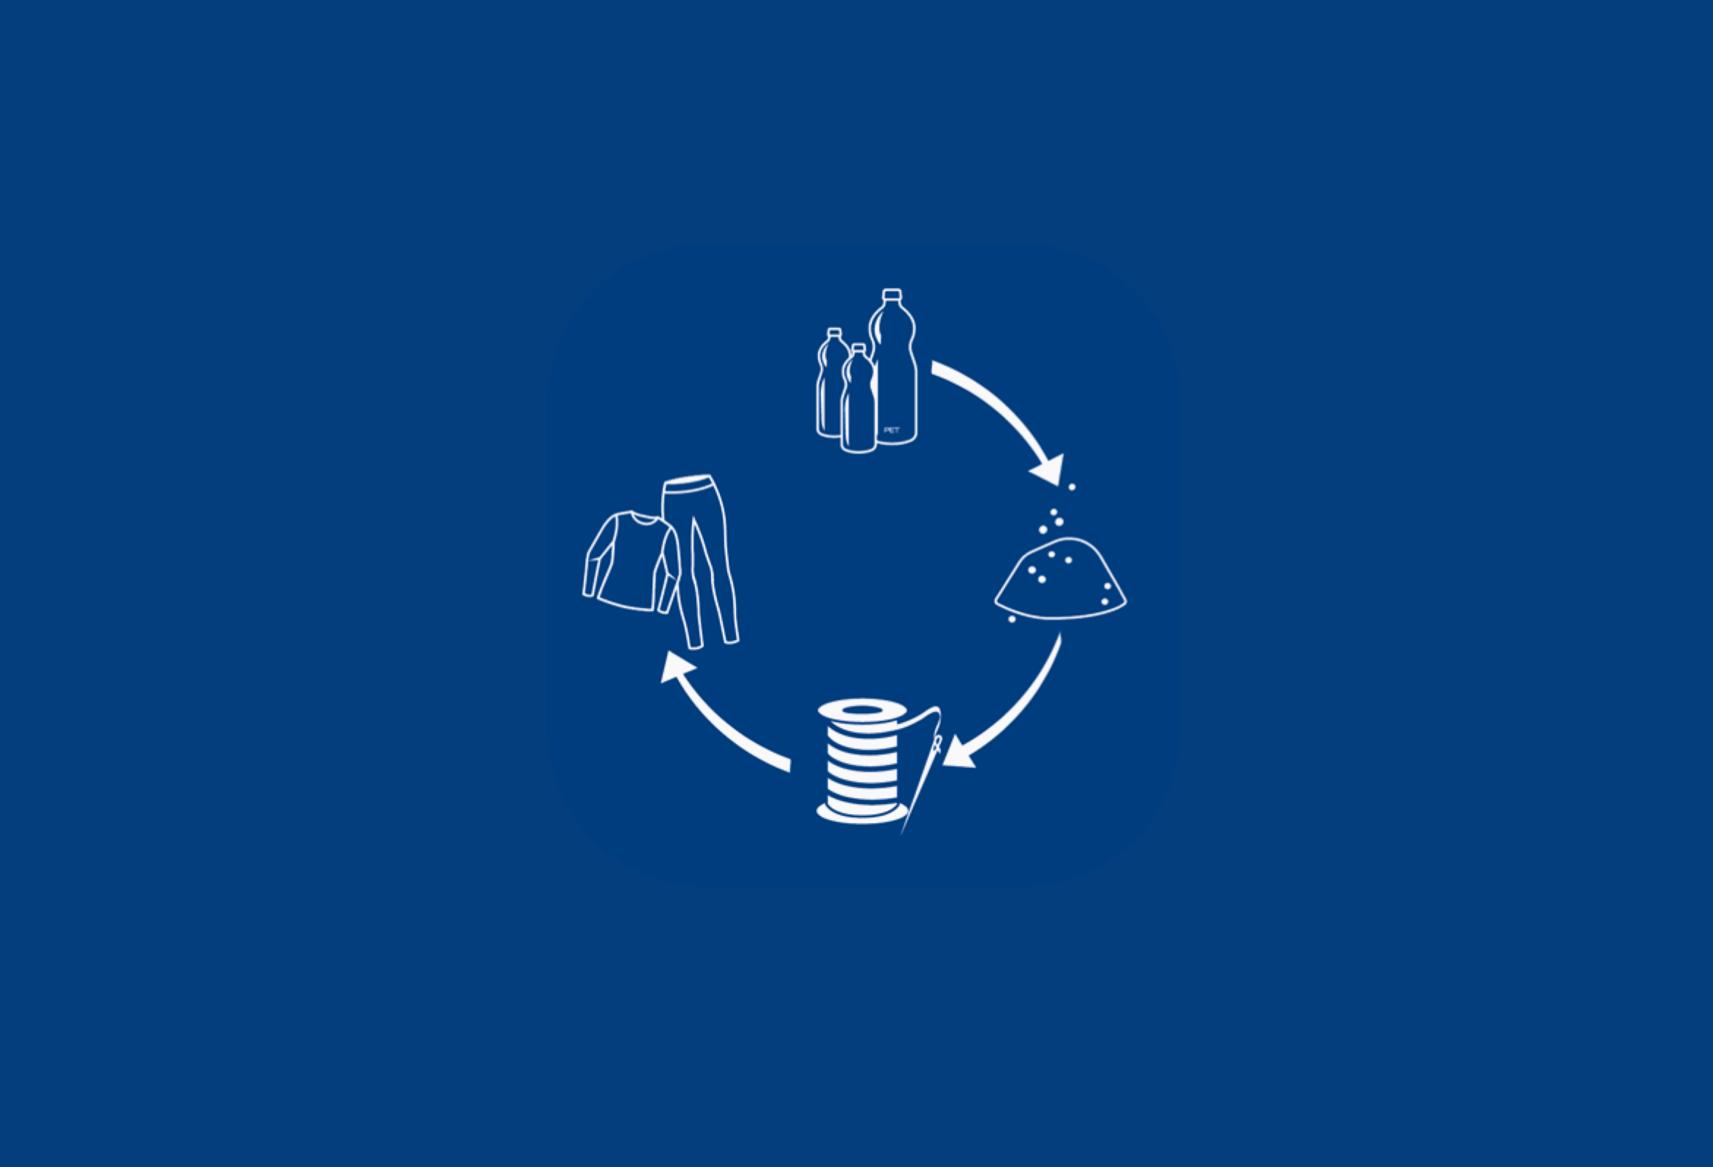 Textilprozess Verwertungskette Blaues Bild